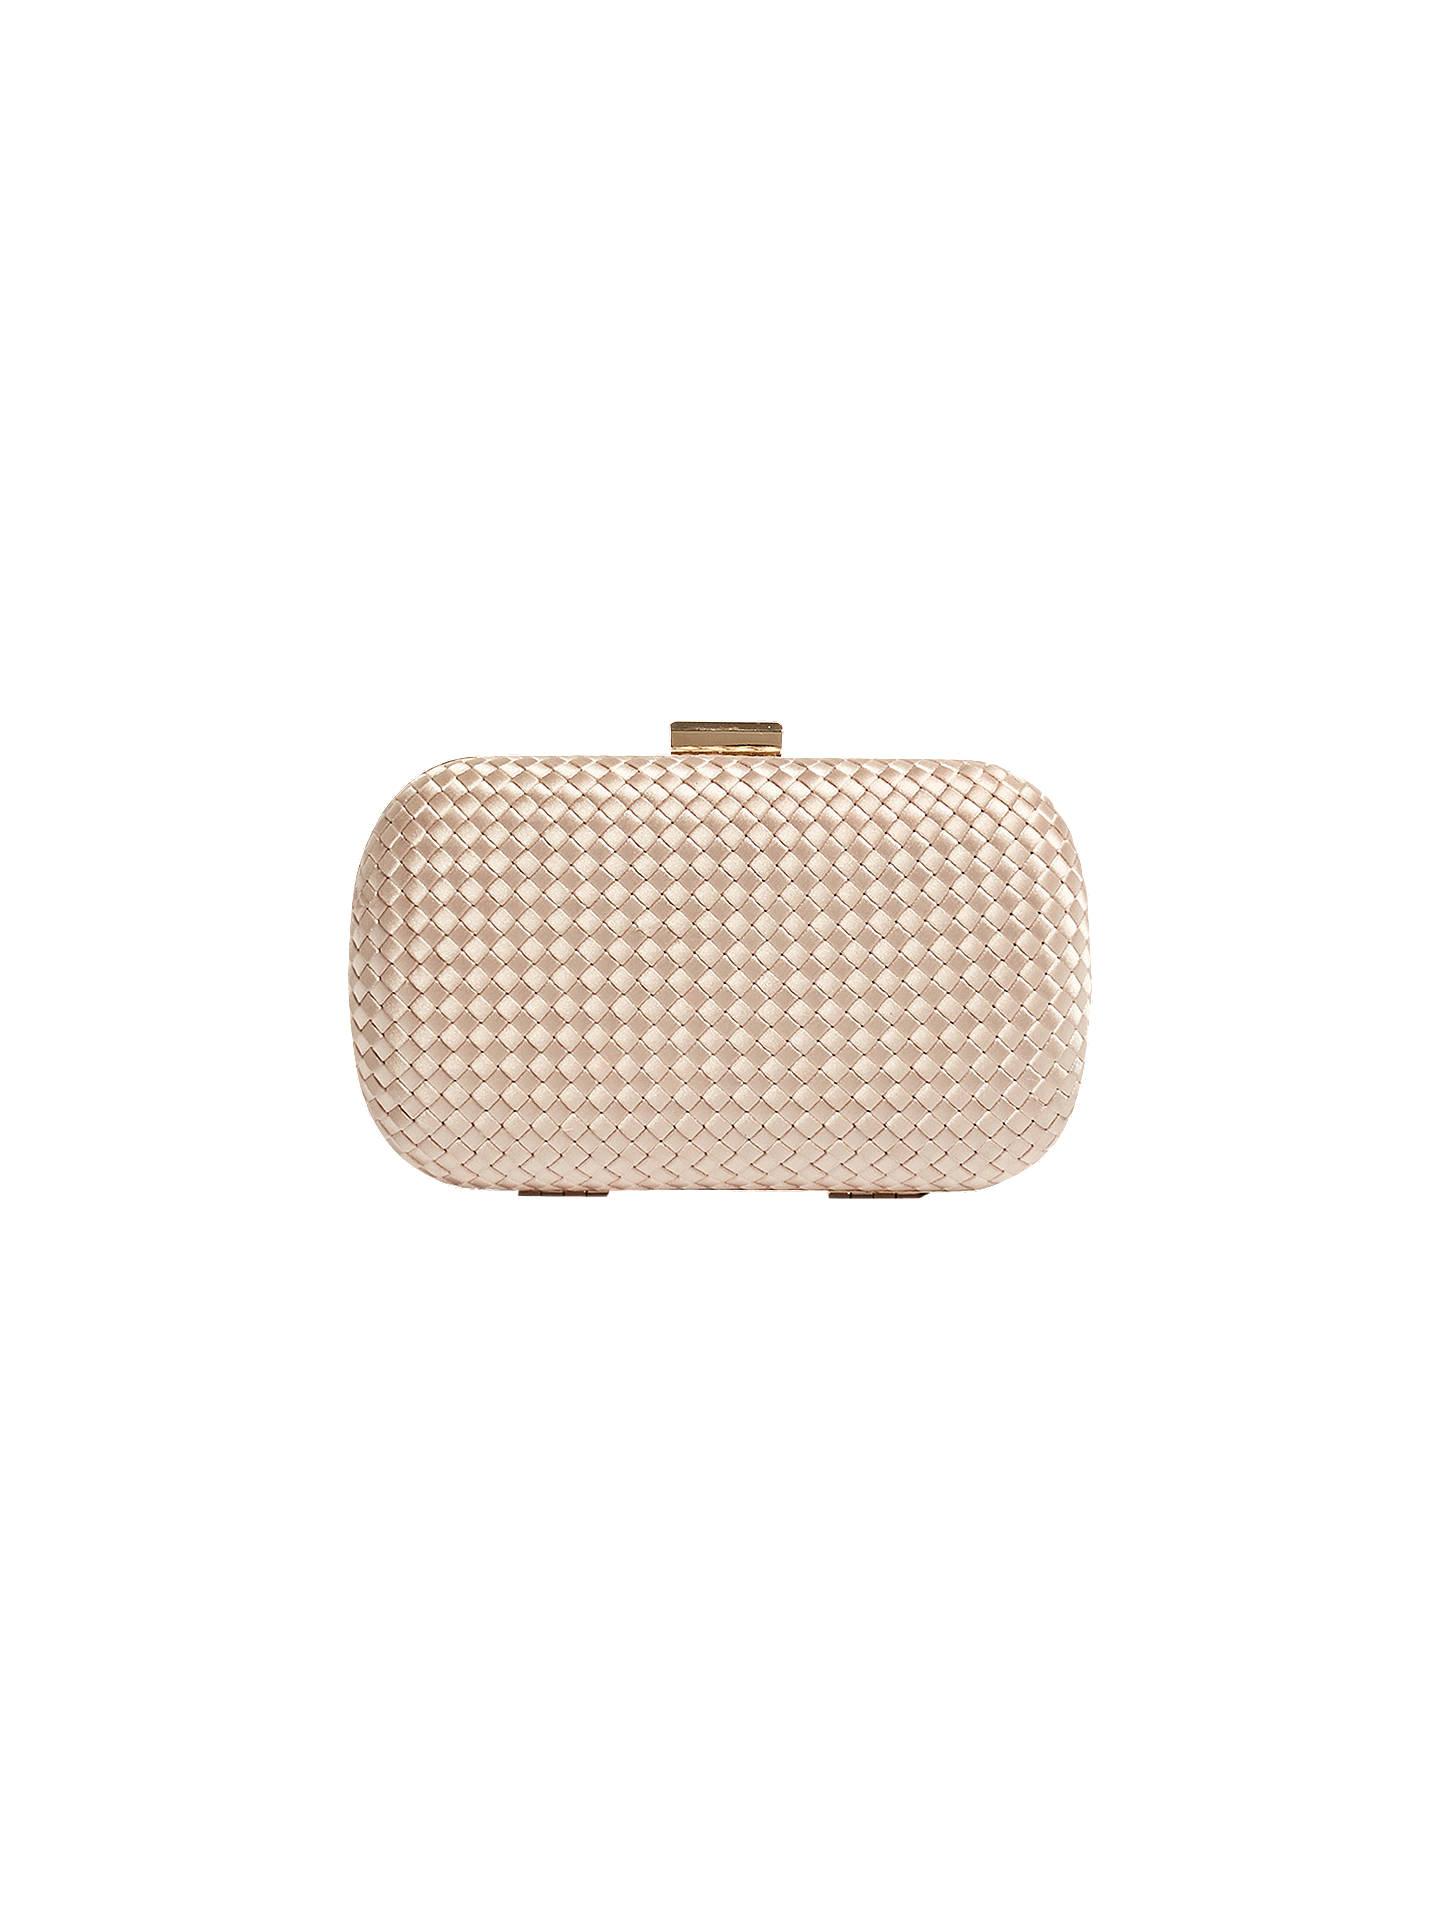 4958c4d6443 Buy Karen Millen Plaited Box Clutch Bag, Nude Online at johnlewis.com ...